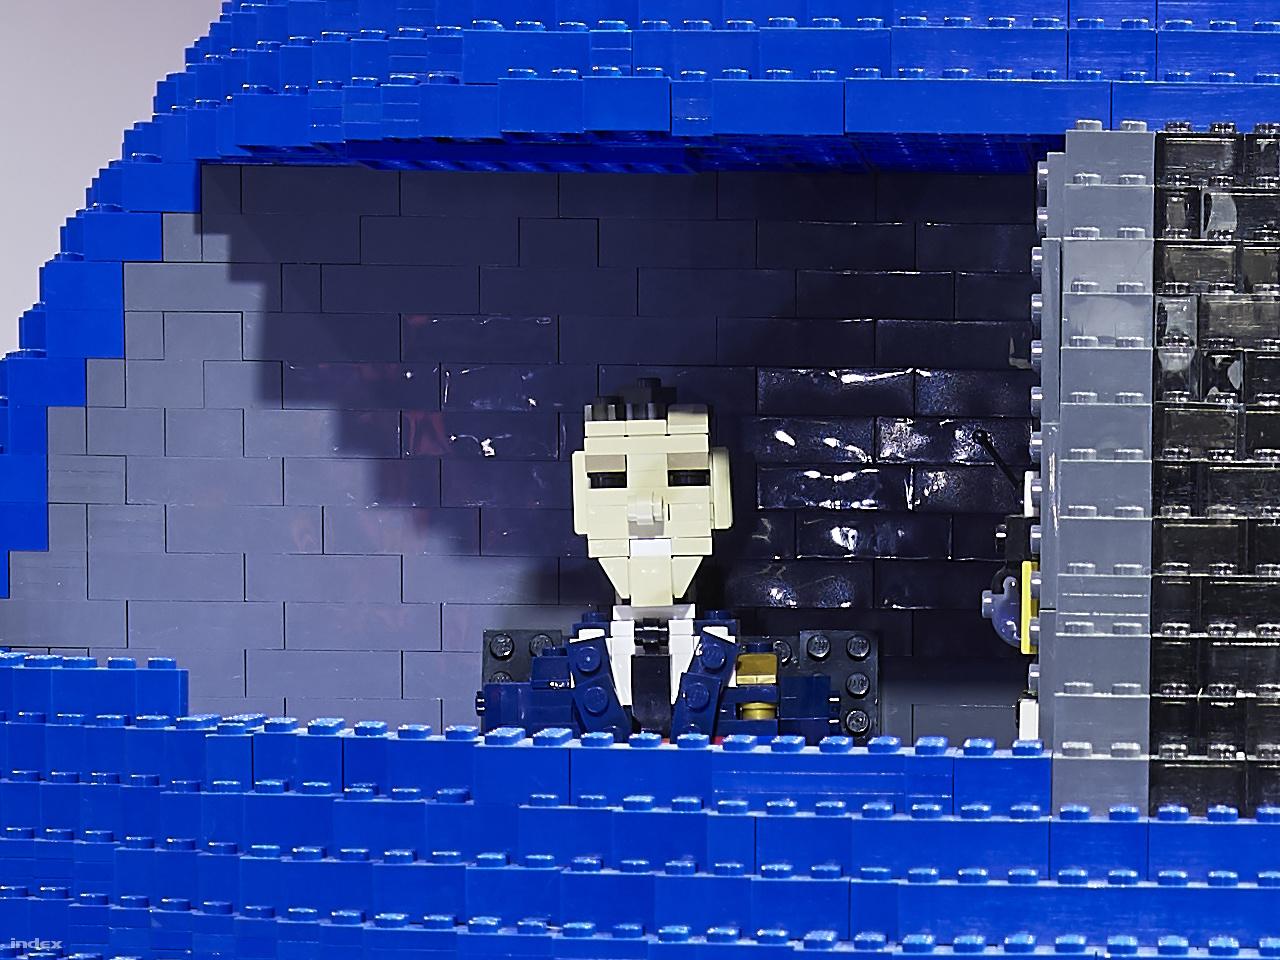 Az Lego Air Force One pilótája – 100 százalékos képkivágás a fenti fotó 150 megapixeles eredetijéből.